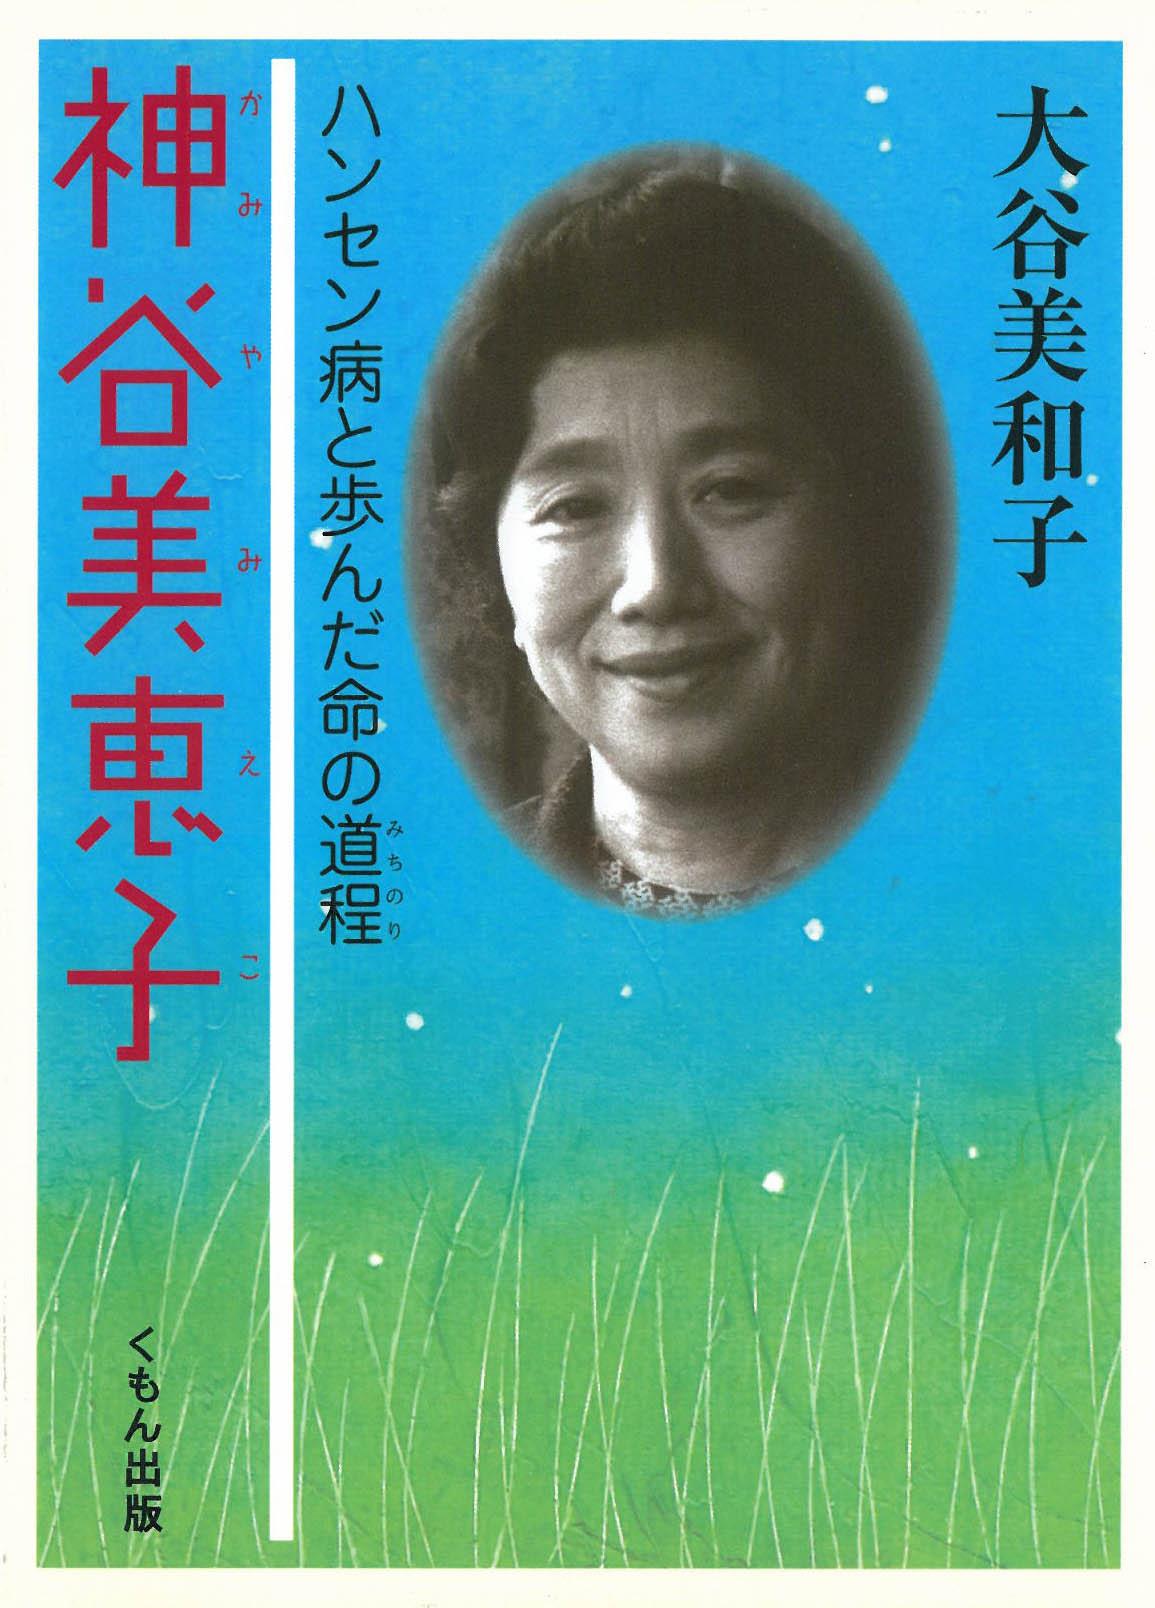 神谷美恵子—ハンセン病と歩んだ命の道程